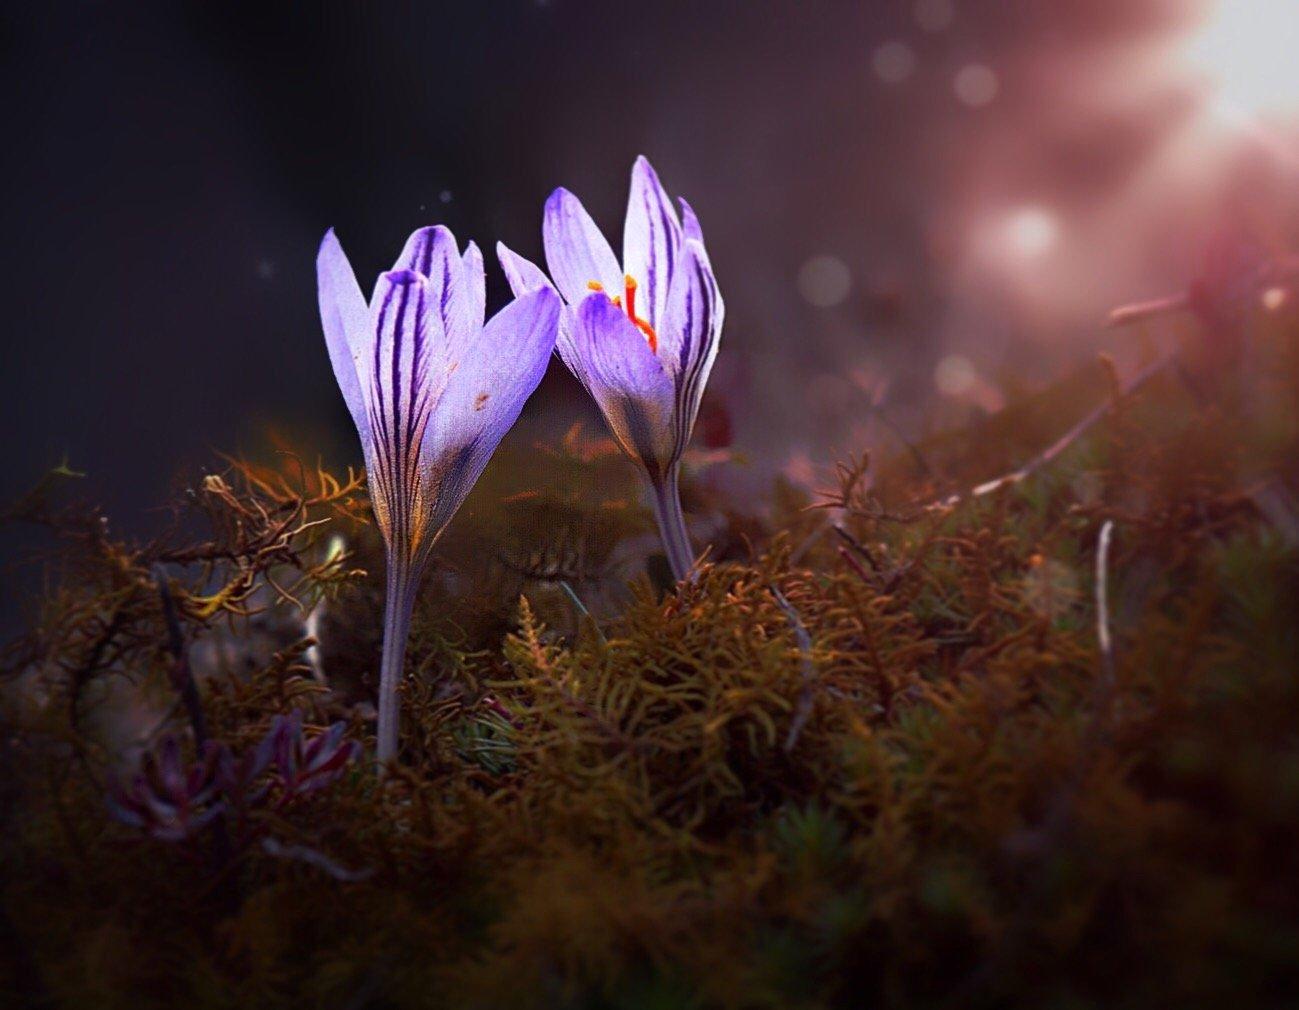 крокусы, цветы, флора, весна, Полина Серова